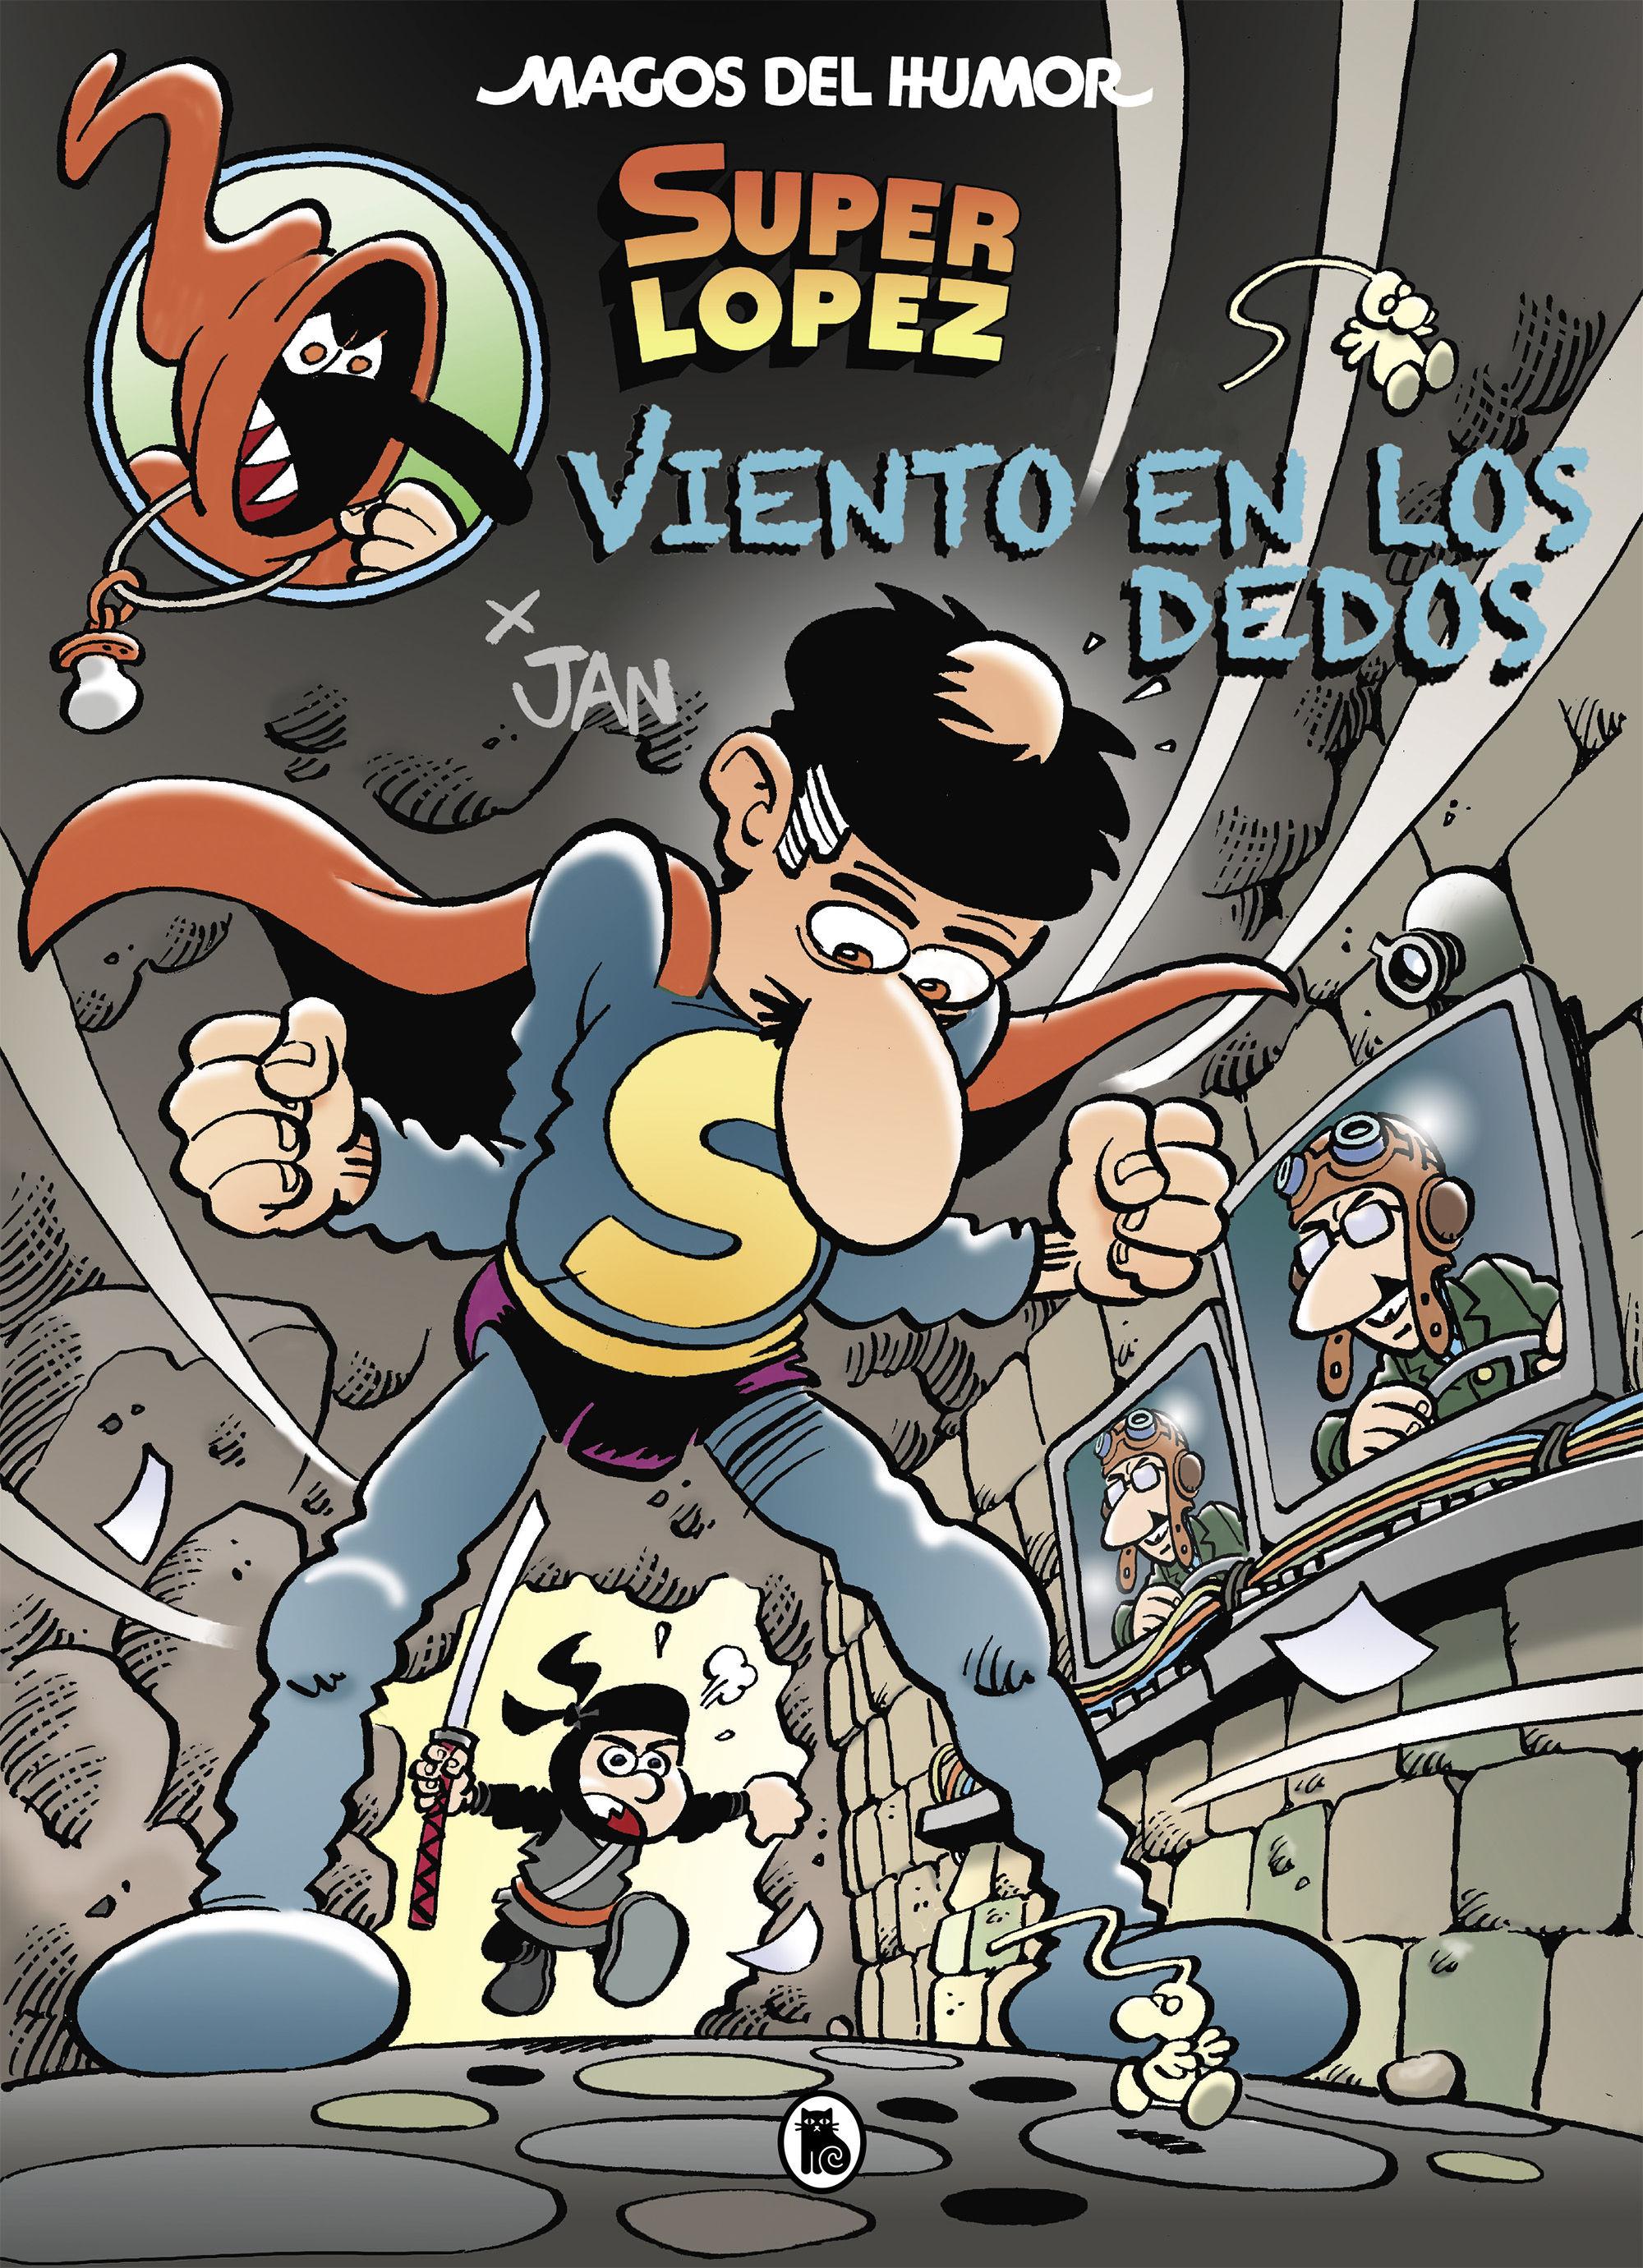 MAGOS DEL HUMOR SUPERLOPEZ 203 VIENTO EN LOS DEDOS